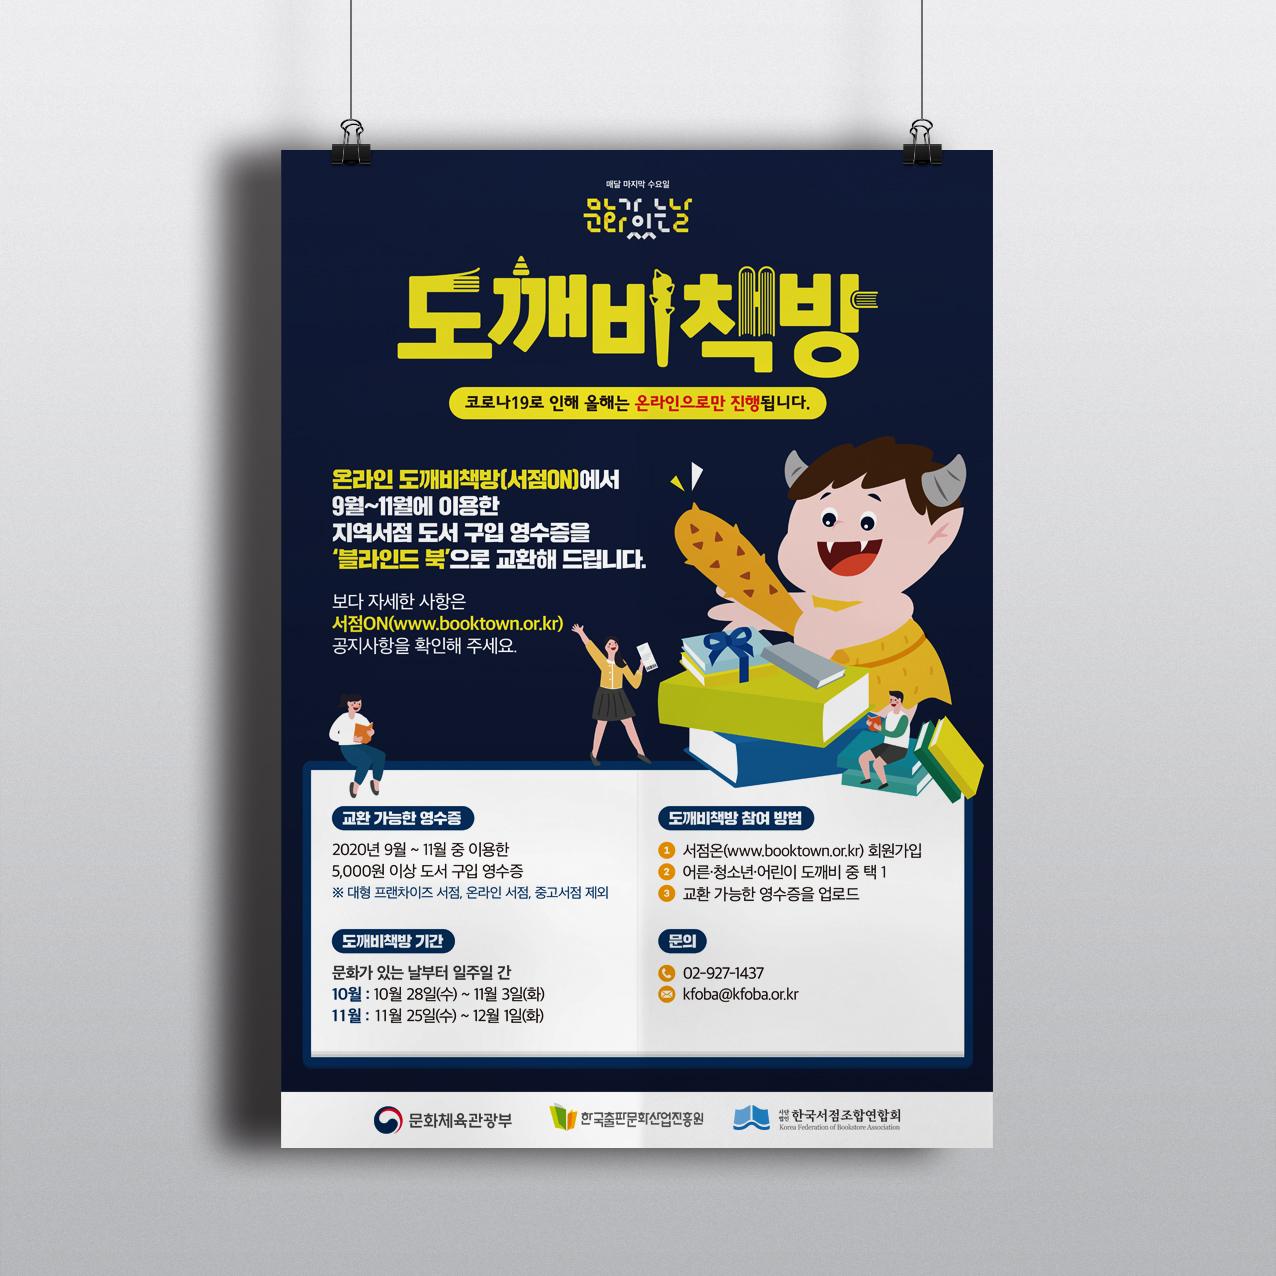 도깨비책방 - 한국서점조합연합회